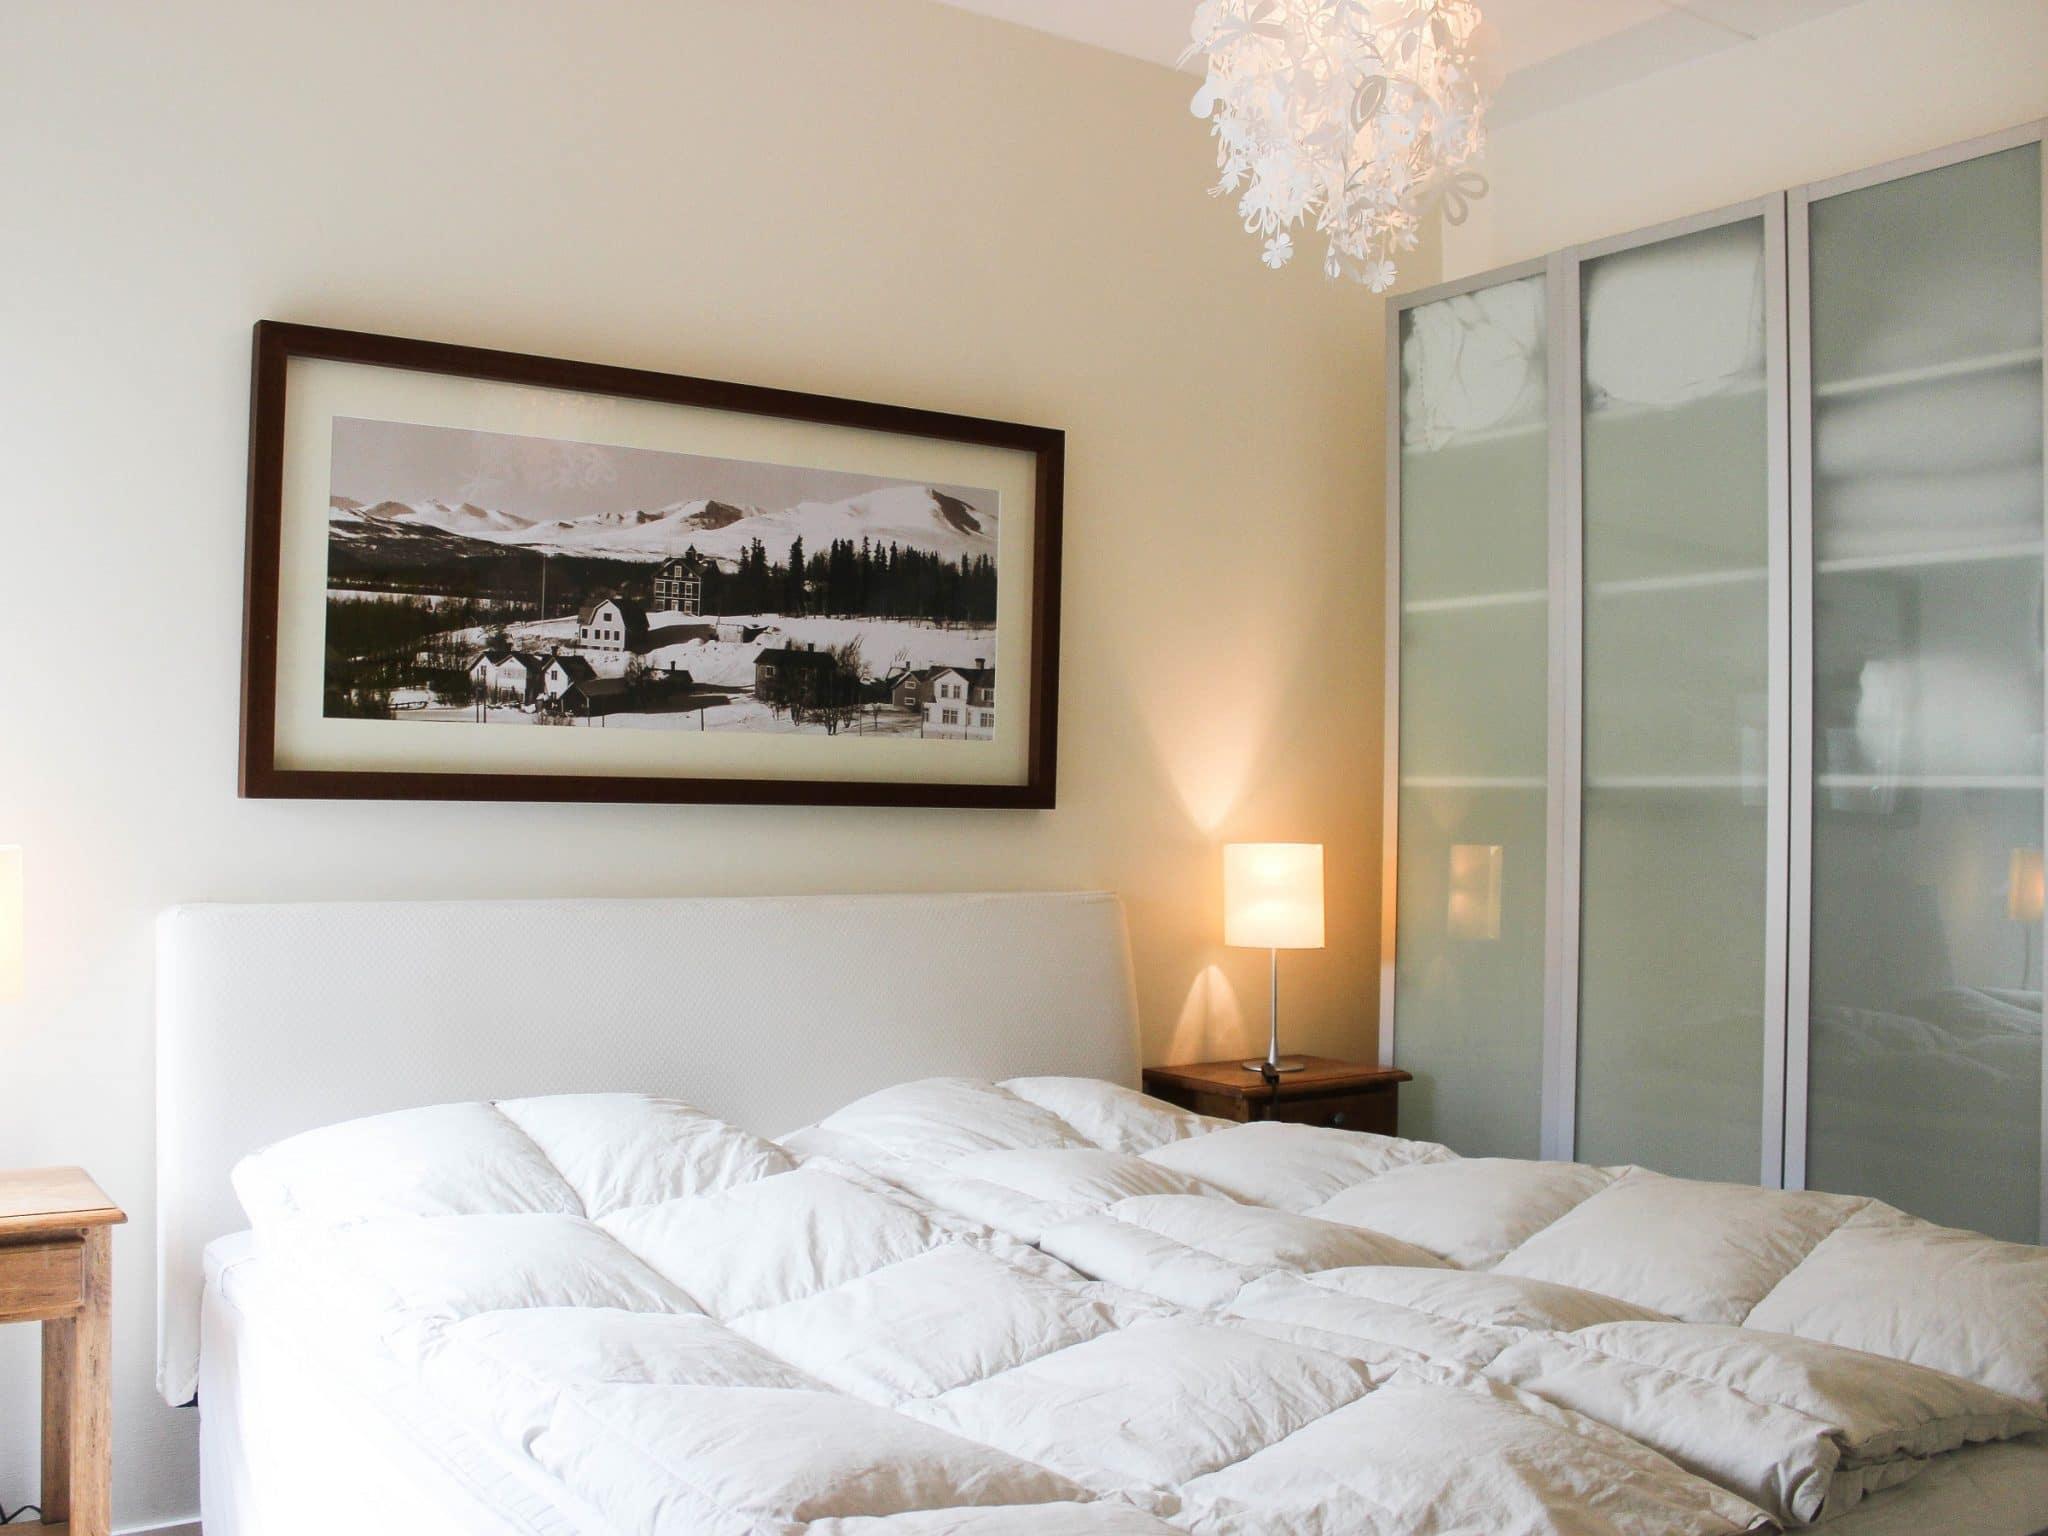 Sovrum med fluffiga täcken och ljus inredning i Åreparken i Åre.